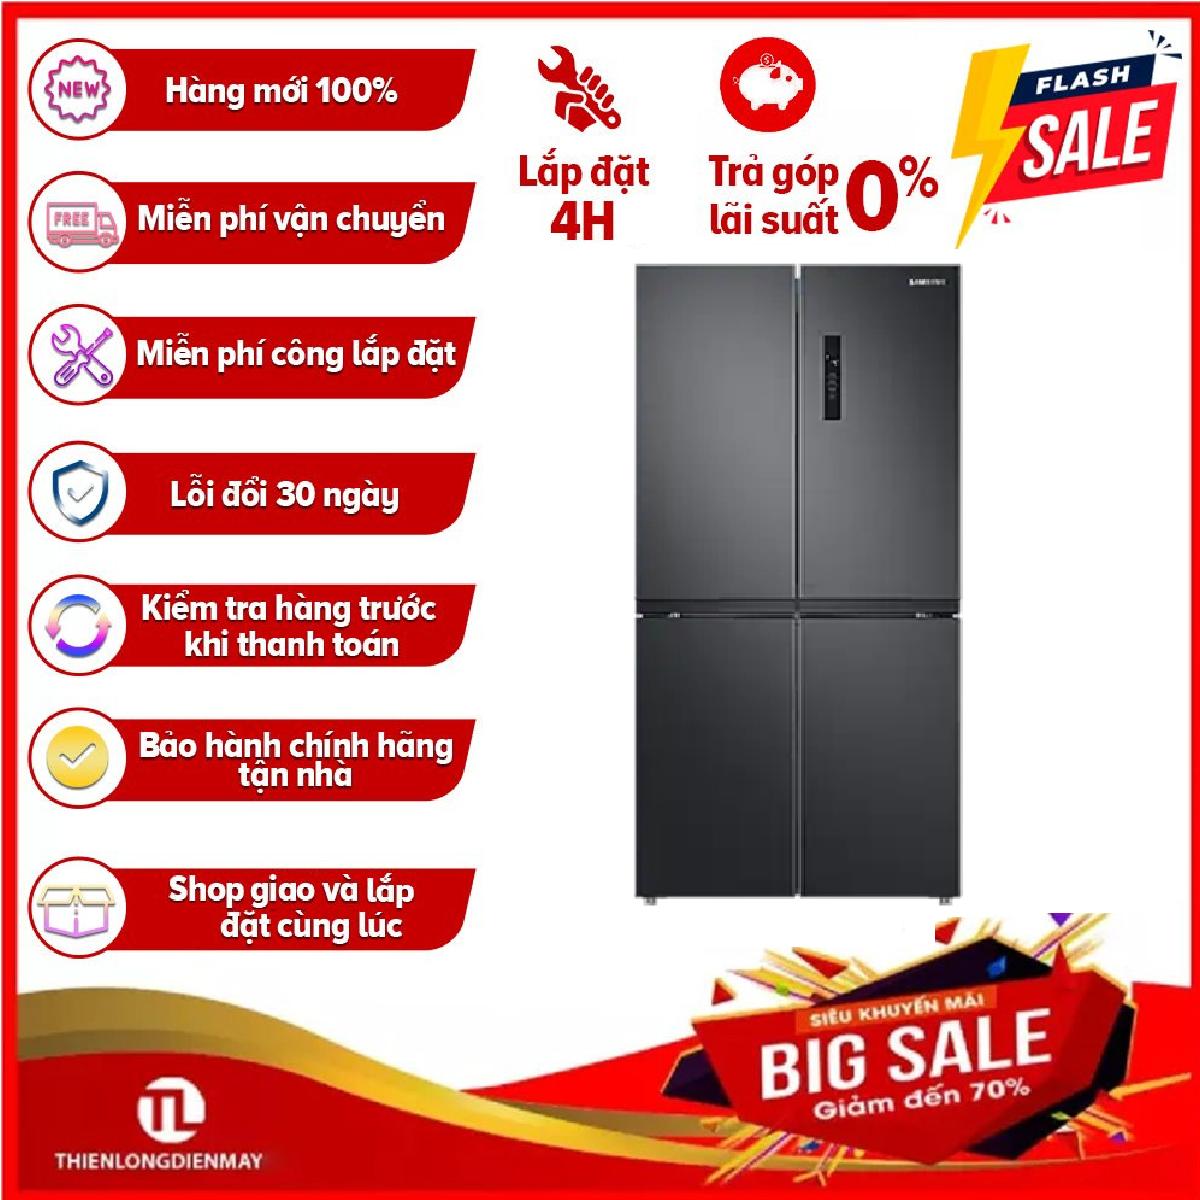 [HCM][GIAO HÀNG 2 – 15 NGÀY TRỄ NHẤT 30.08] [Trả góp 0%]Tủ lạnh Samsung Inverter 488 lít RF48A4000B4/SV mới 2021